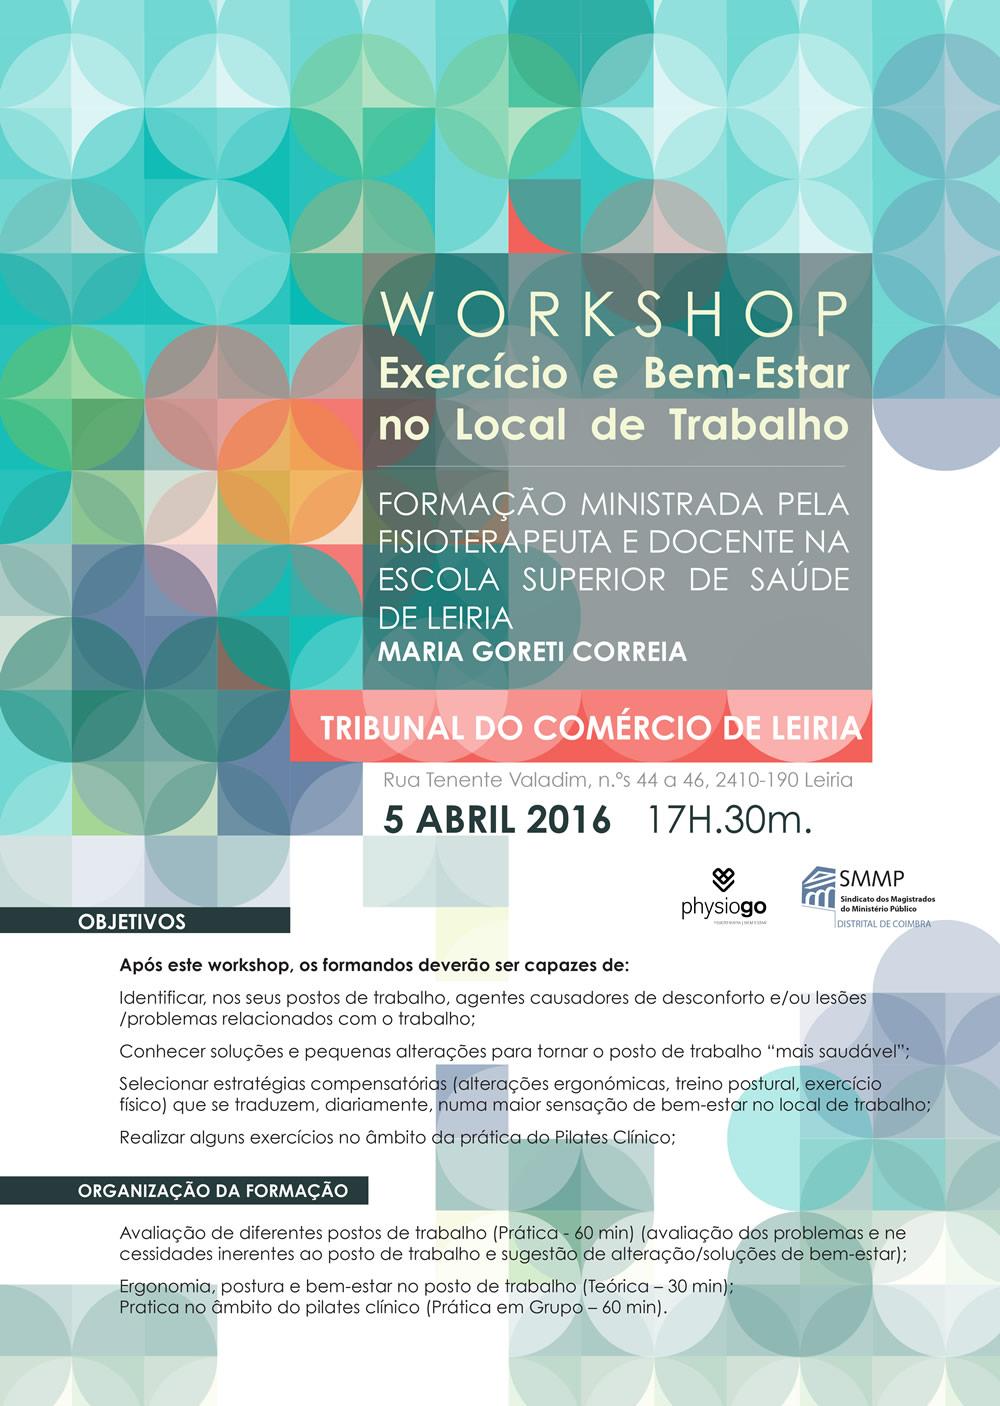 Workshop sobre exercício e bem estar no local de trabalho